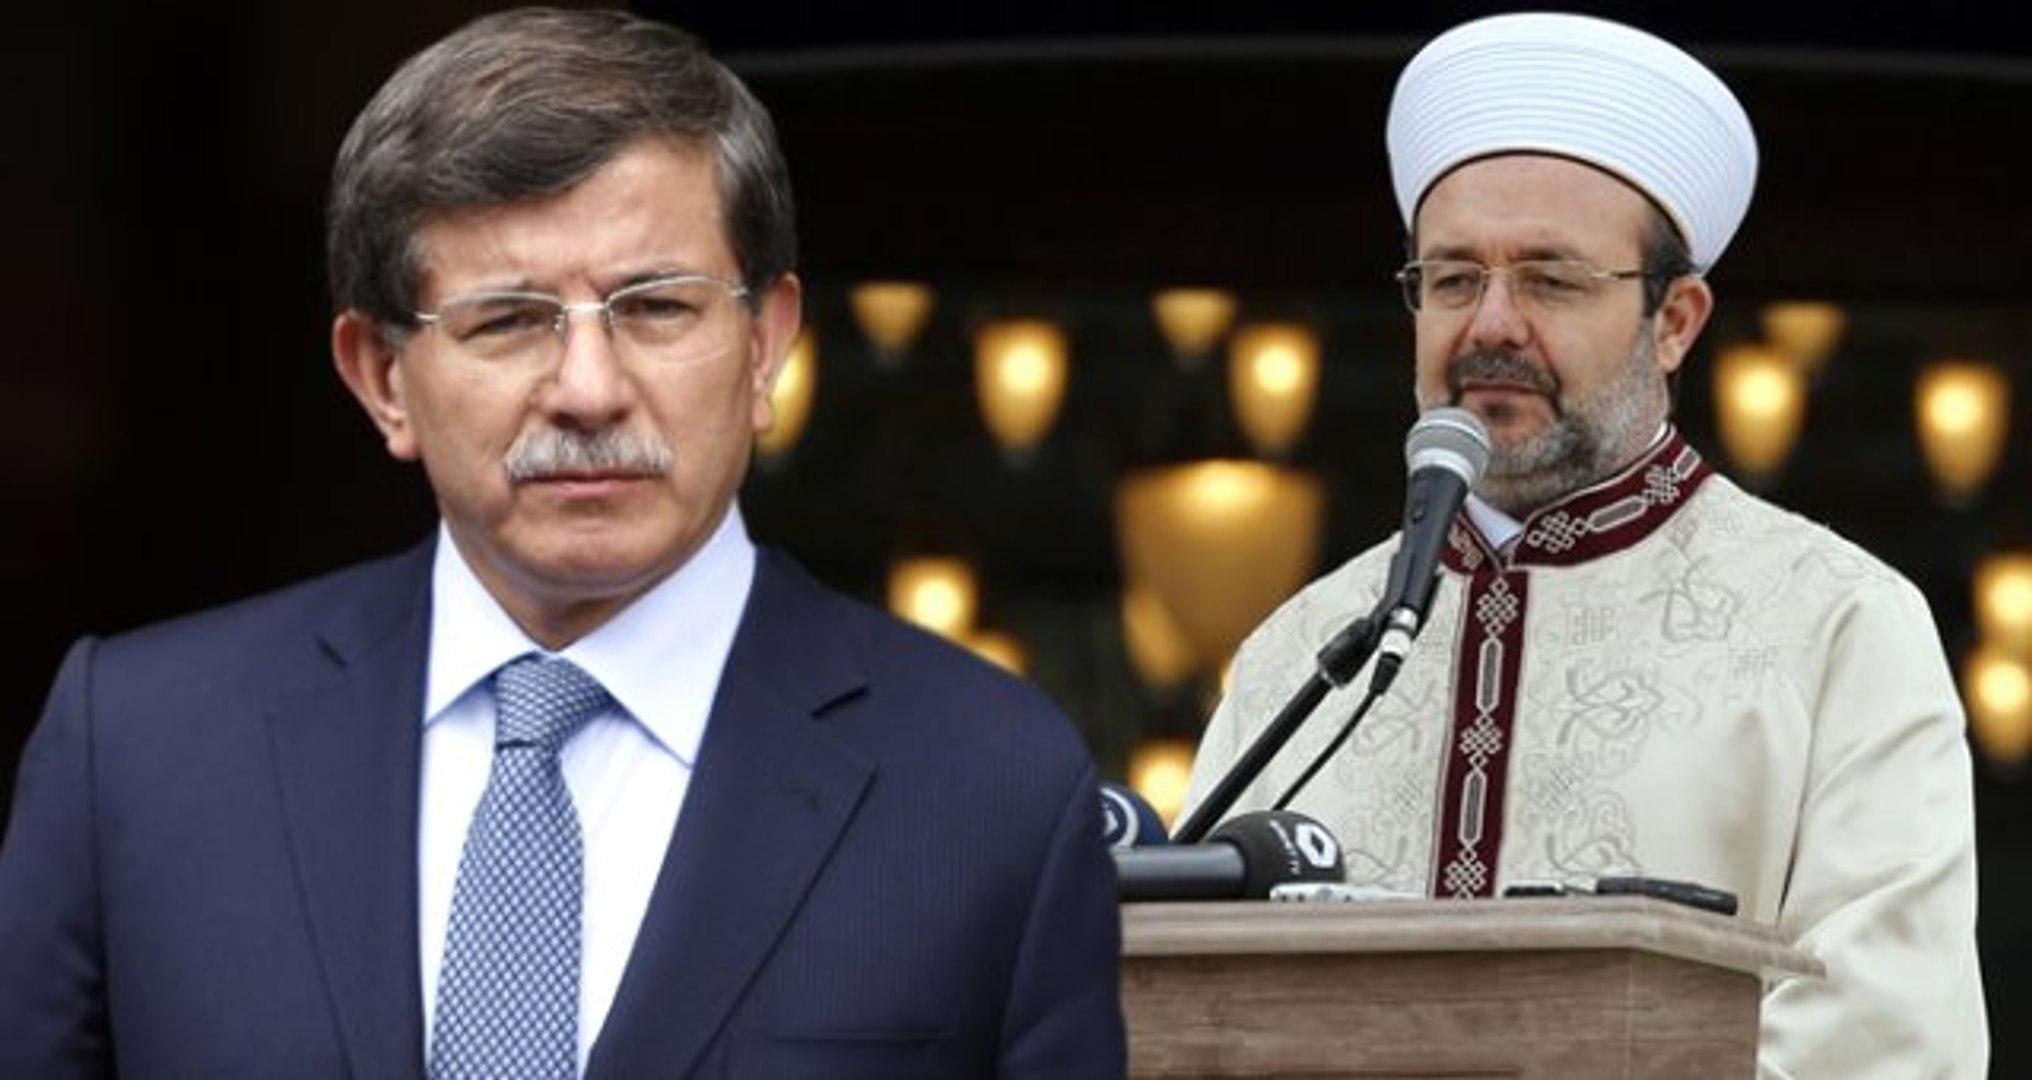 Davutoğlu'nun Kuracağı Yeni Partide Yer Aldığı Konuşulan Eski Diyanet Başkanı'ndan Açıklam